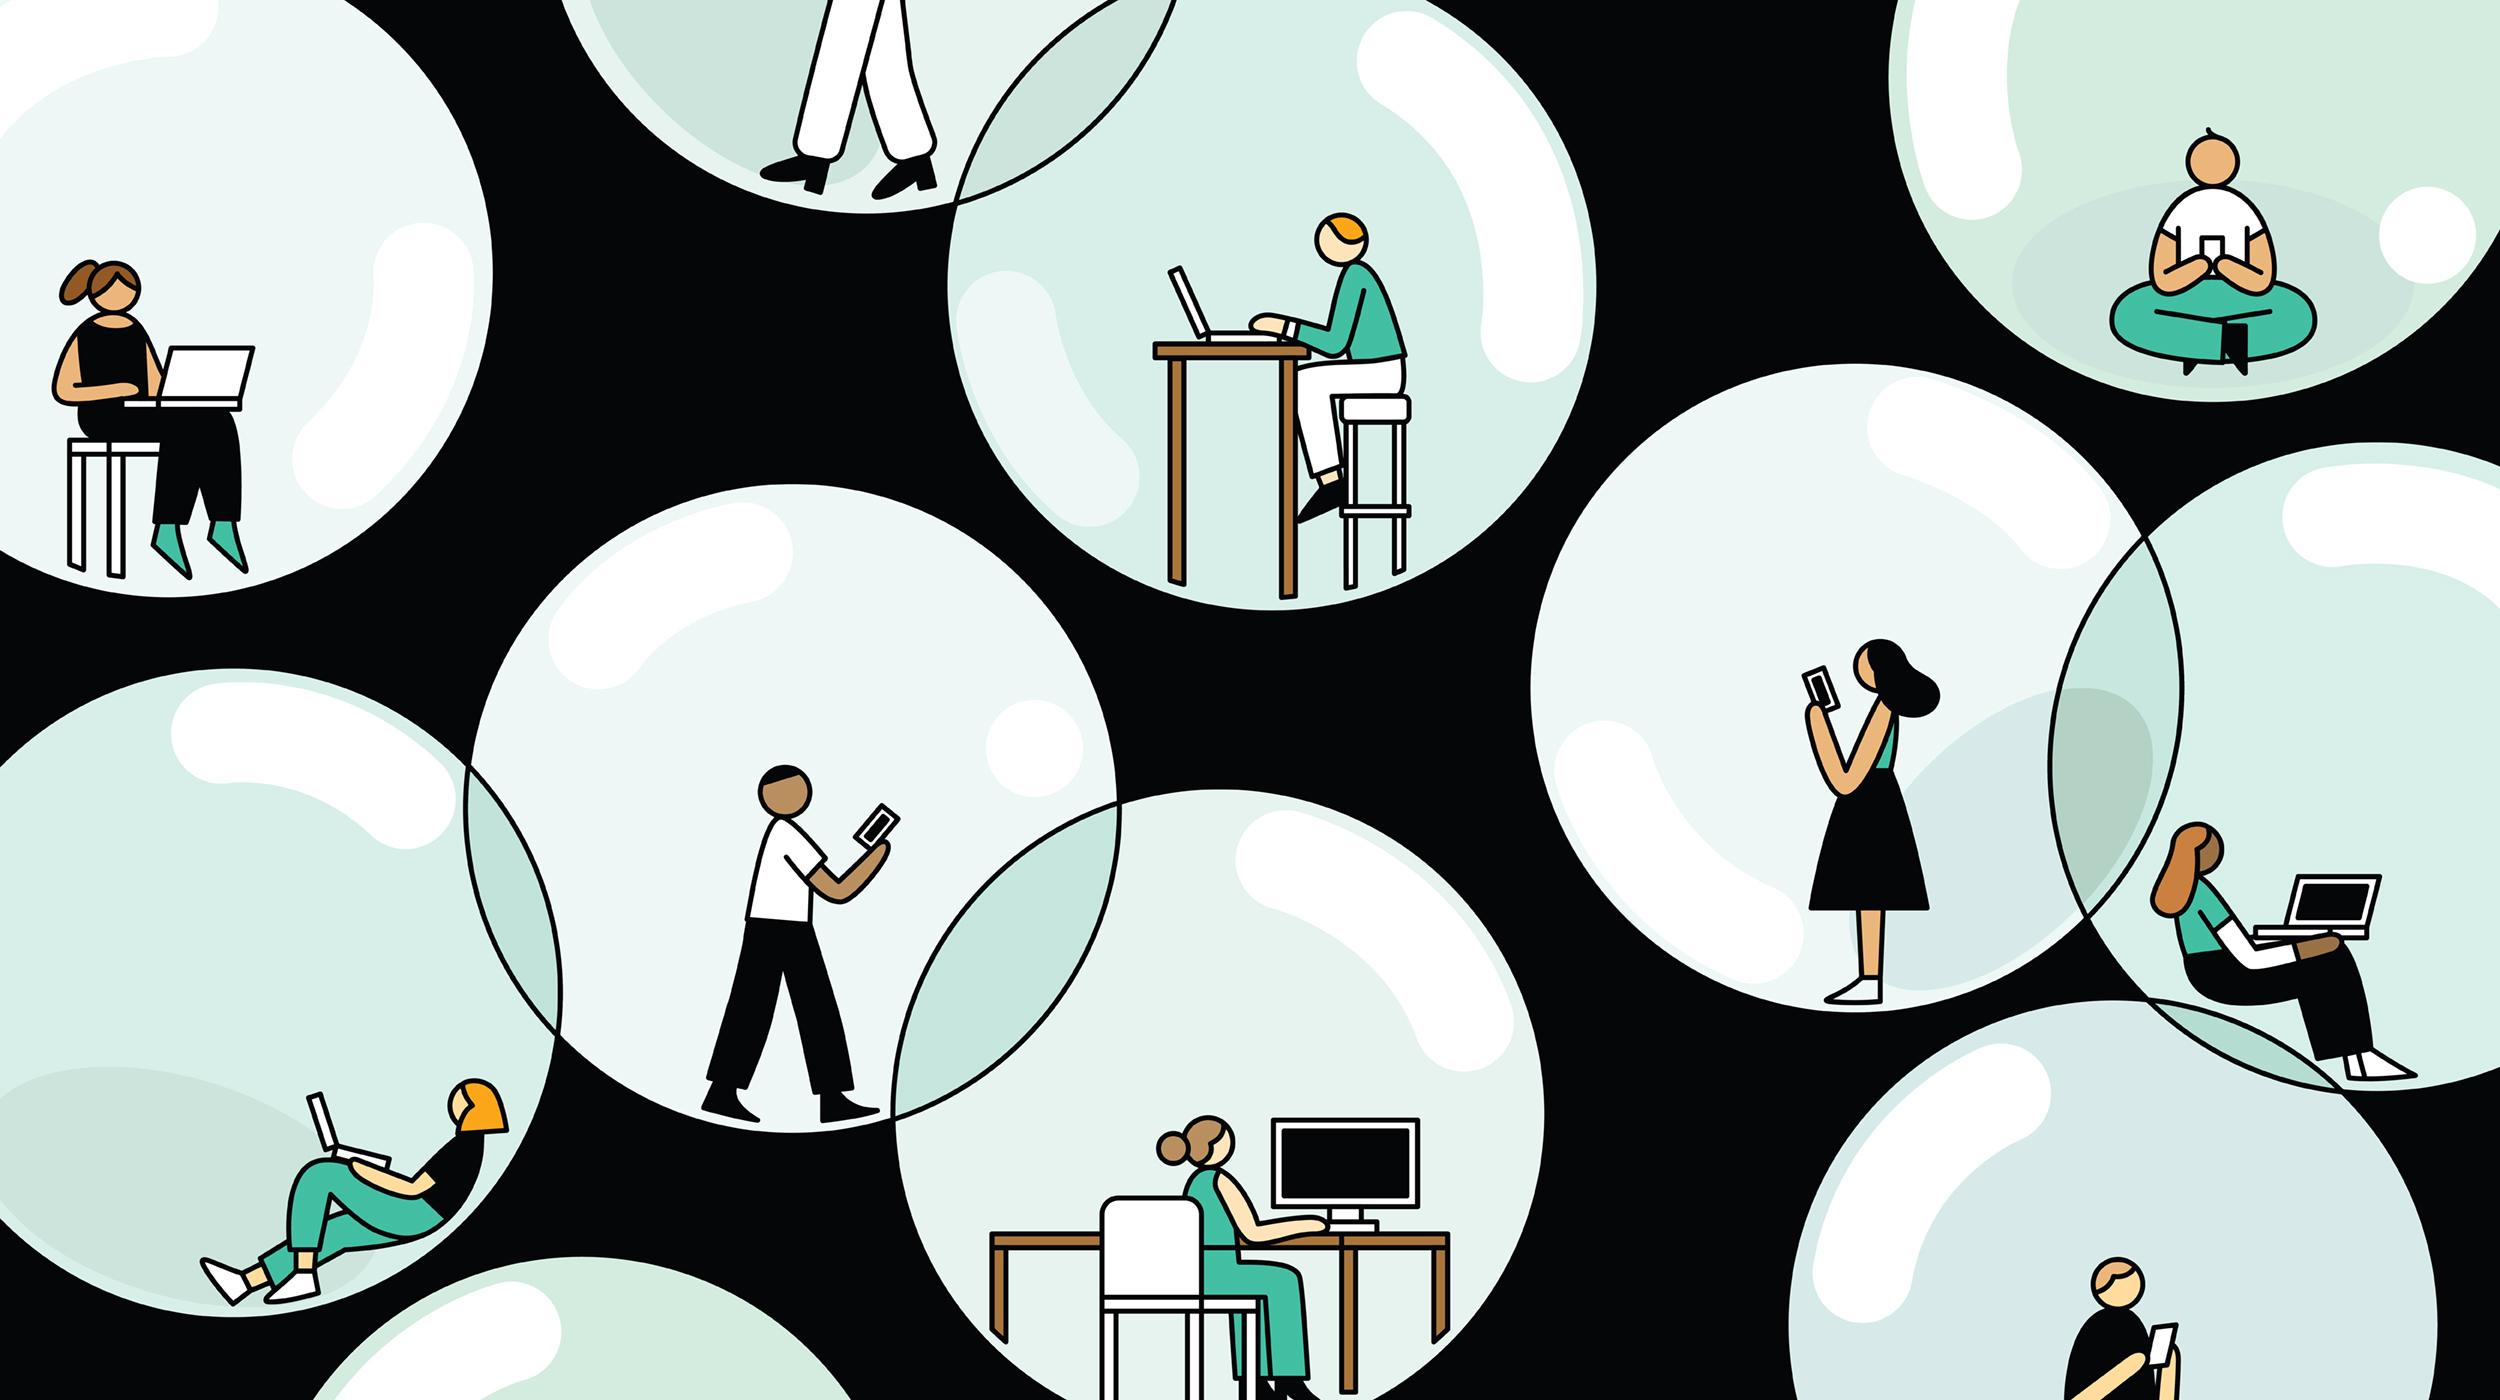 Почему социальные сети могут быть опасны для психики?